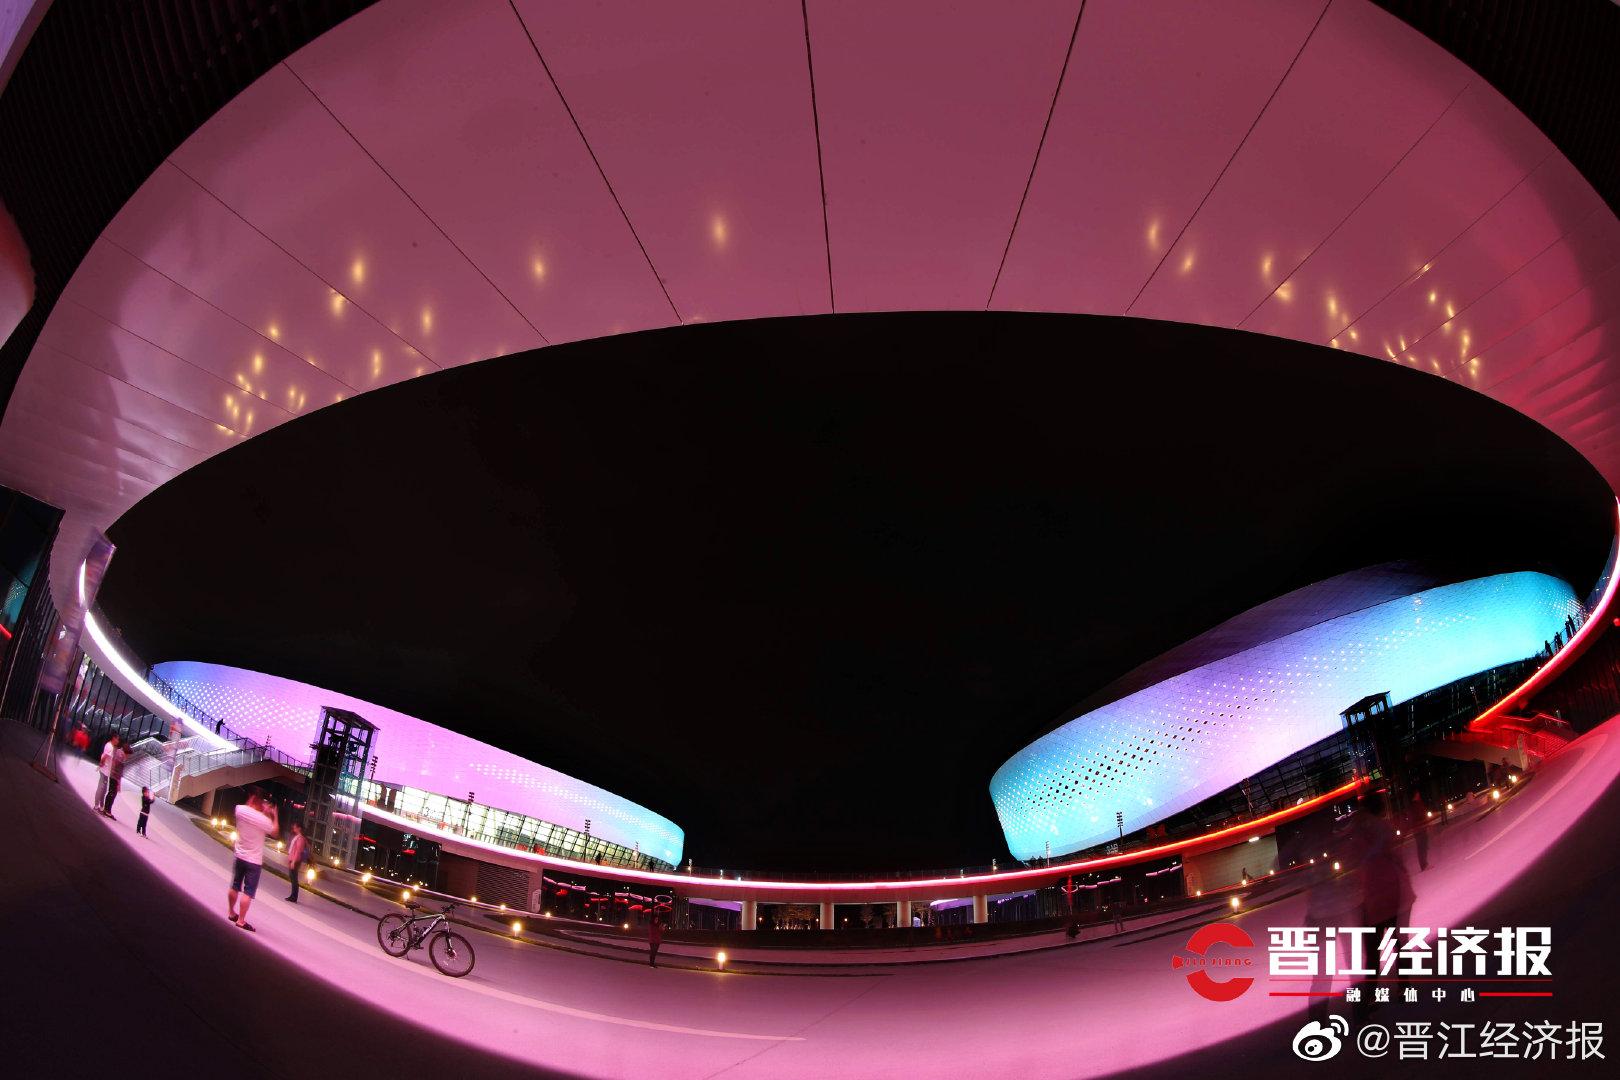 更多变化!更加梦幻!晋江二体中心再次调试夜景灯光